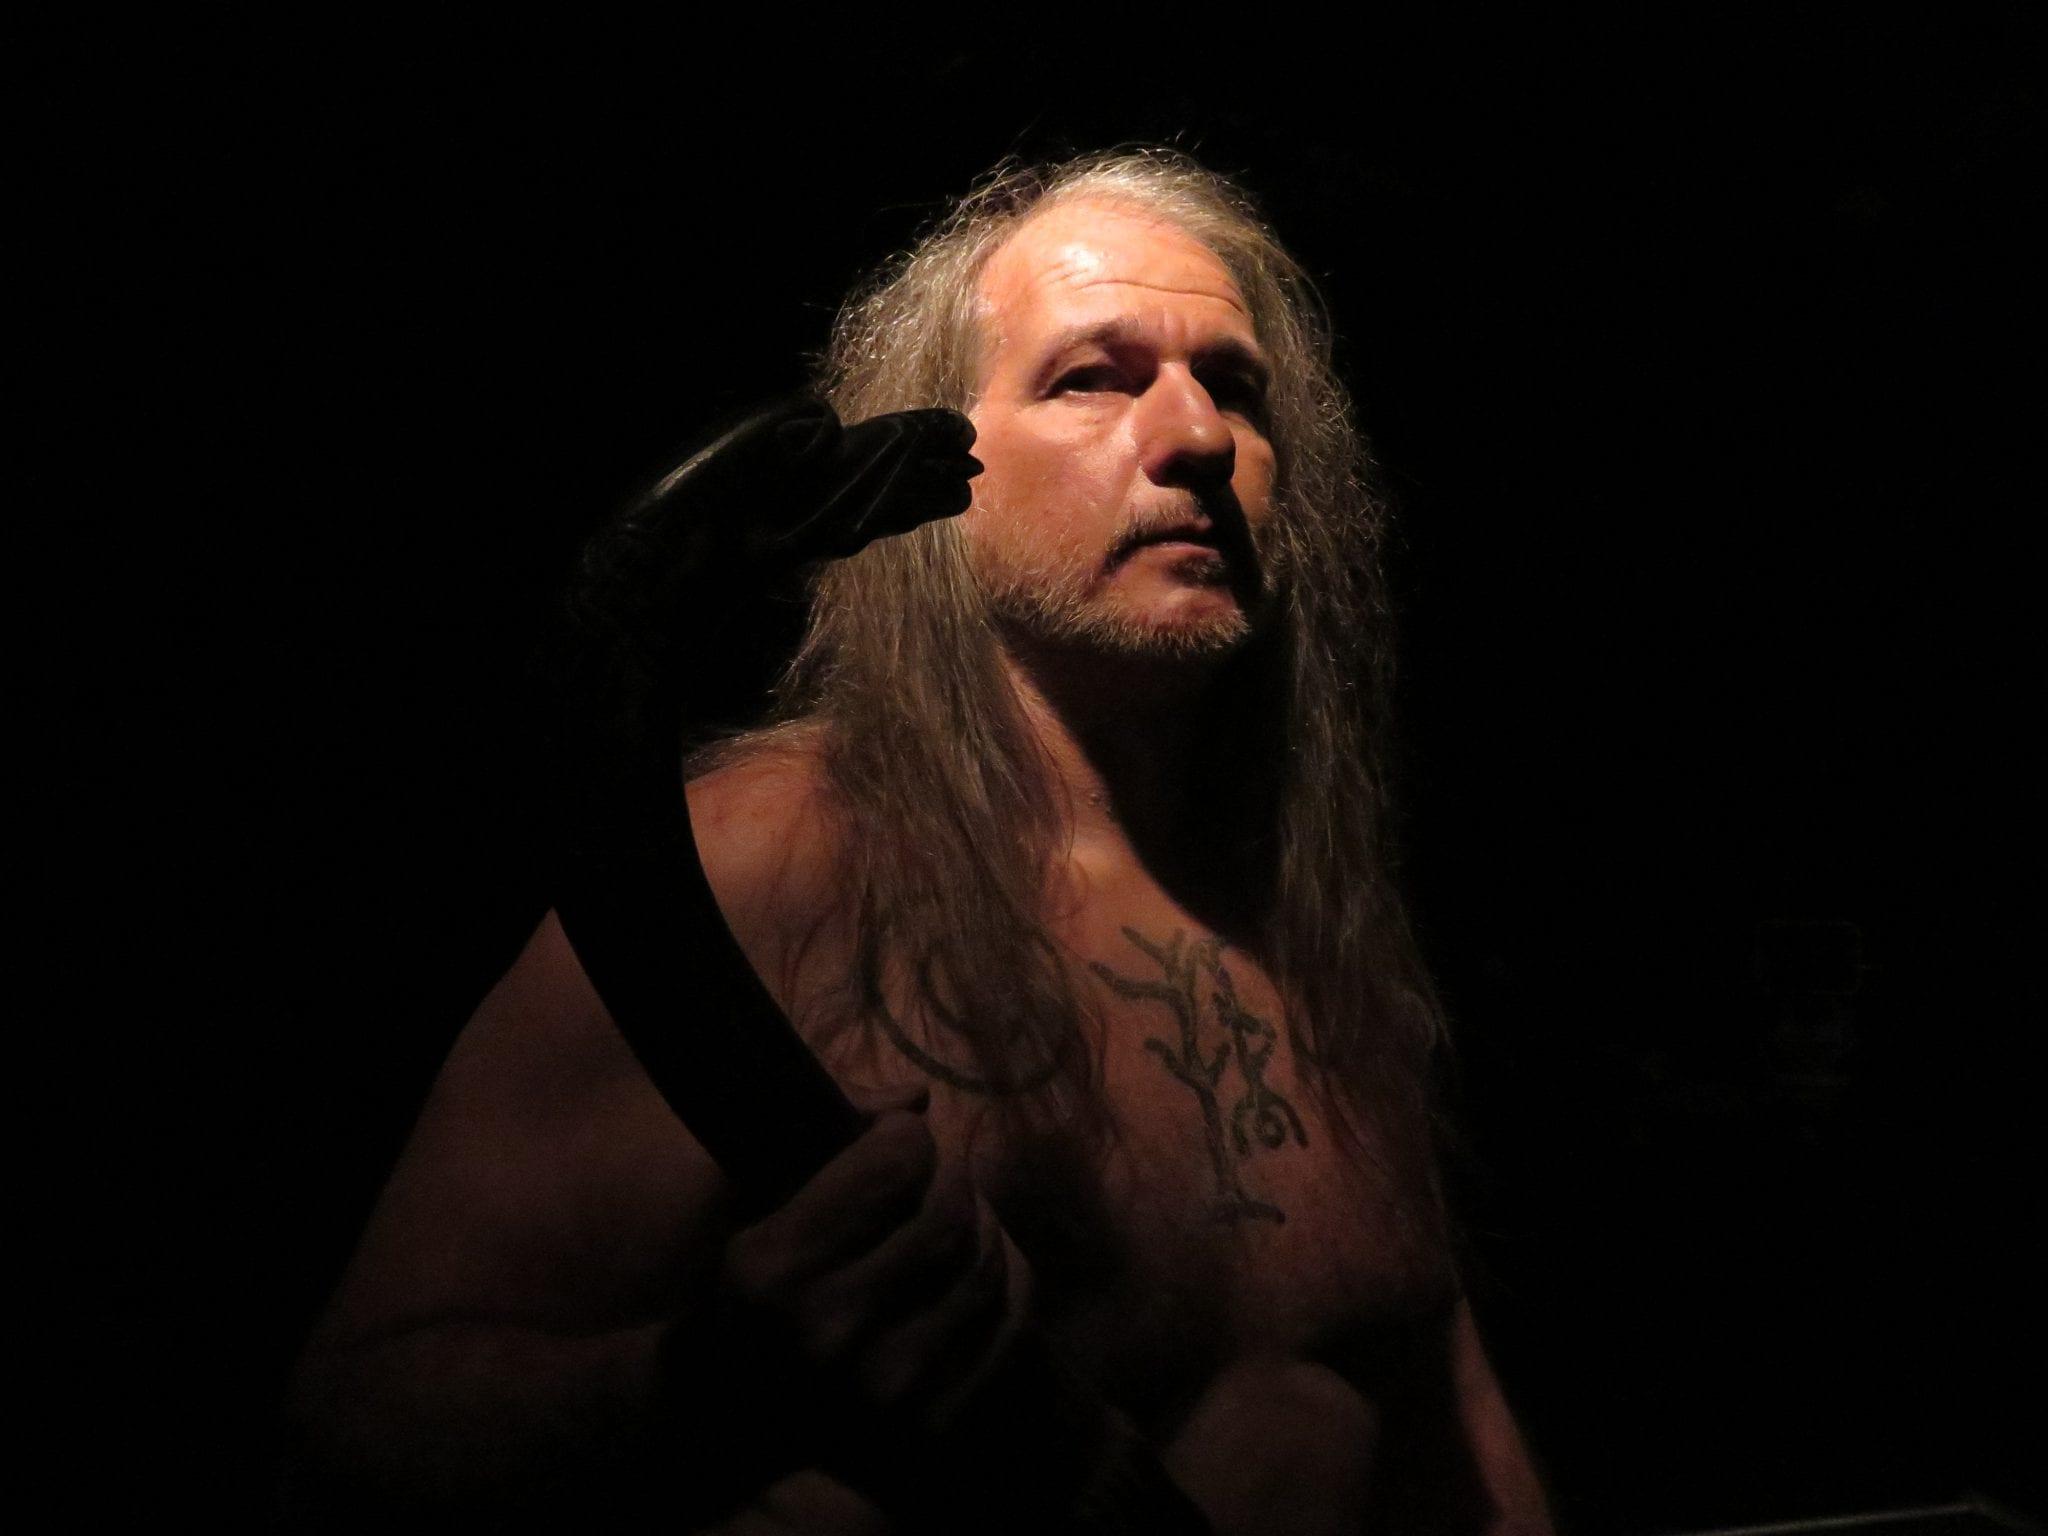 Kraftfull norrøn religion i vikingtid: Lars Magnar Enoksen forteller om Tor, Odin og gudene, i TV serien